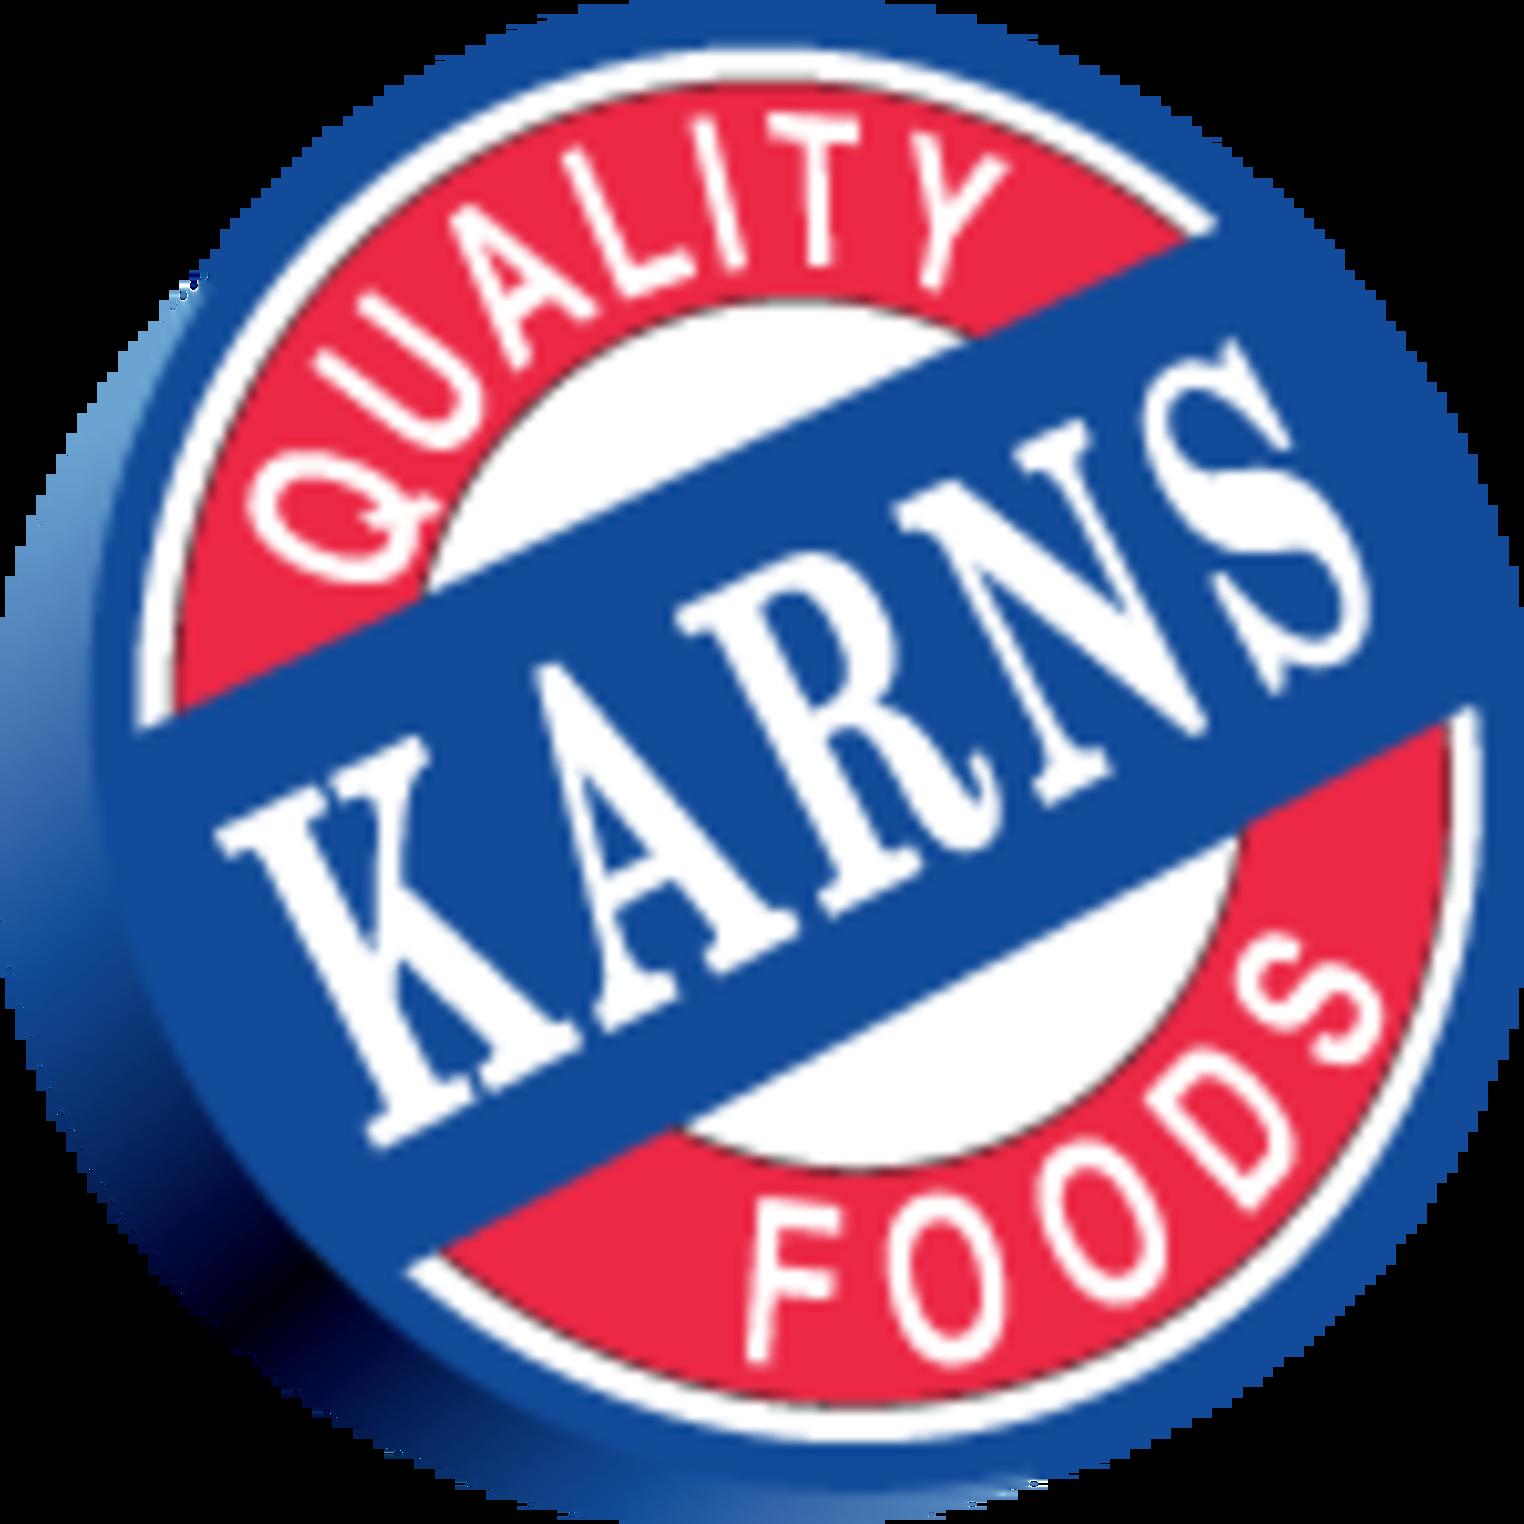 Karns - Carlisle